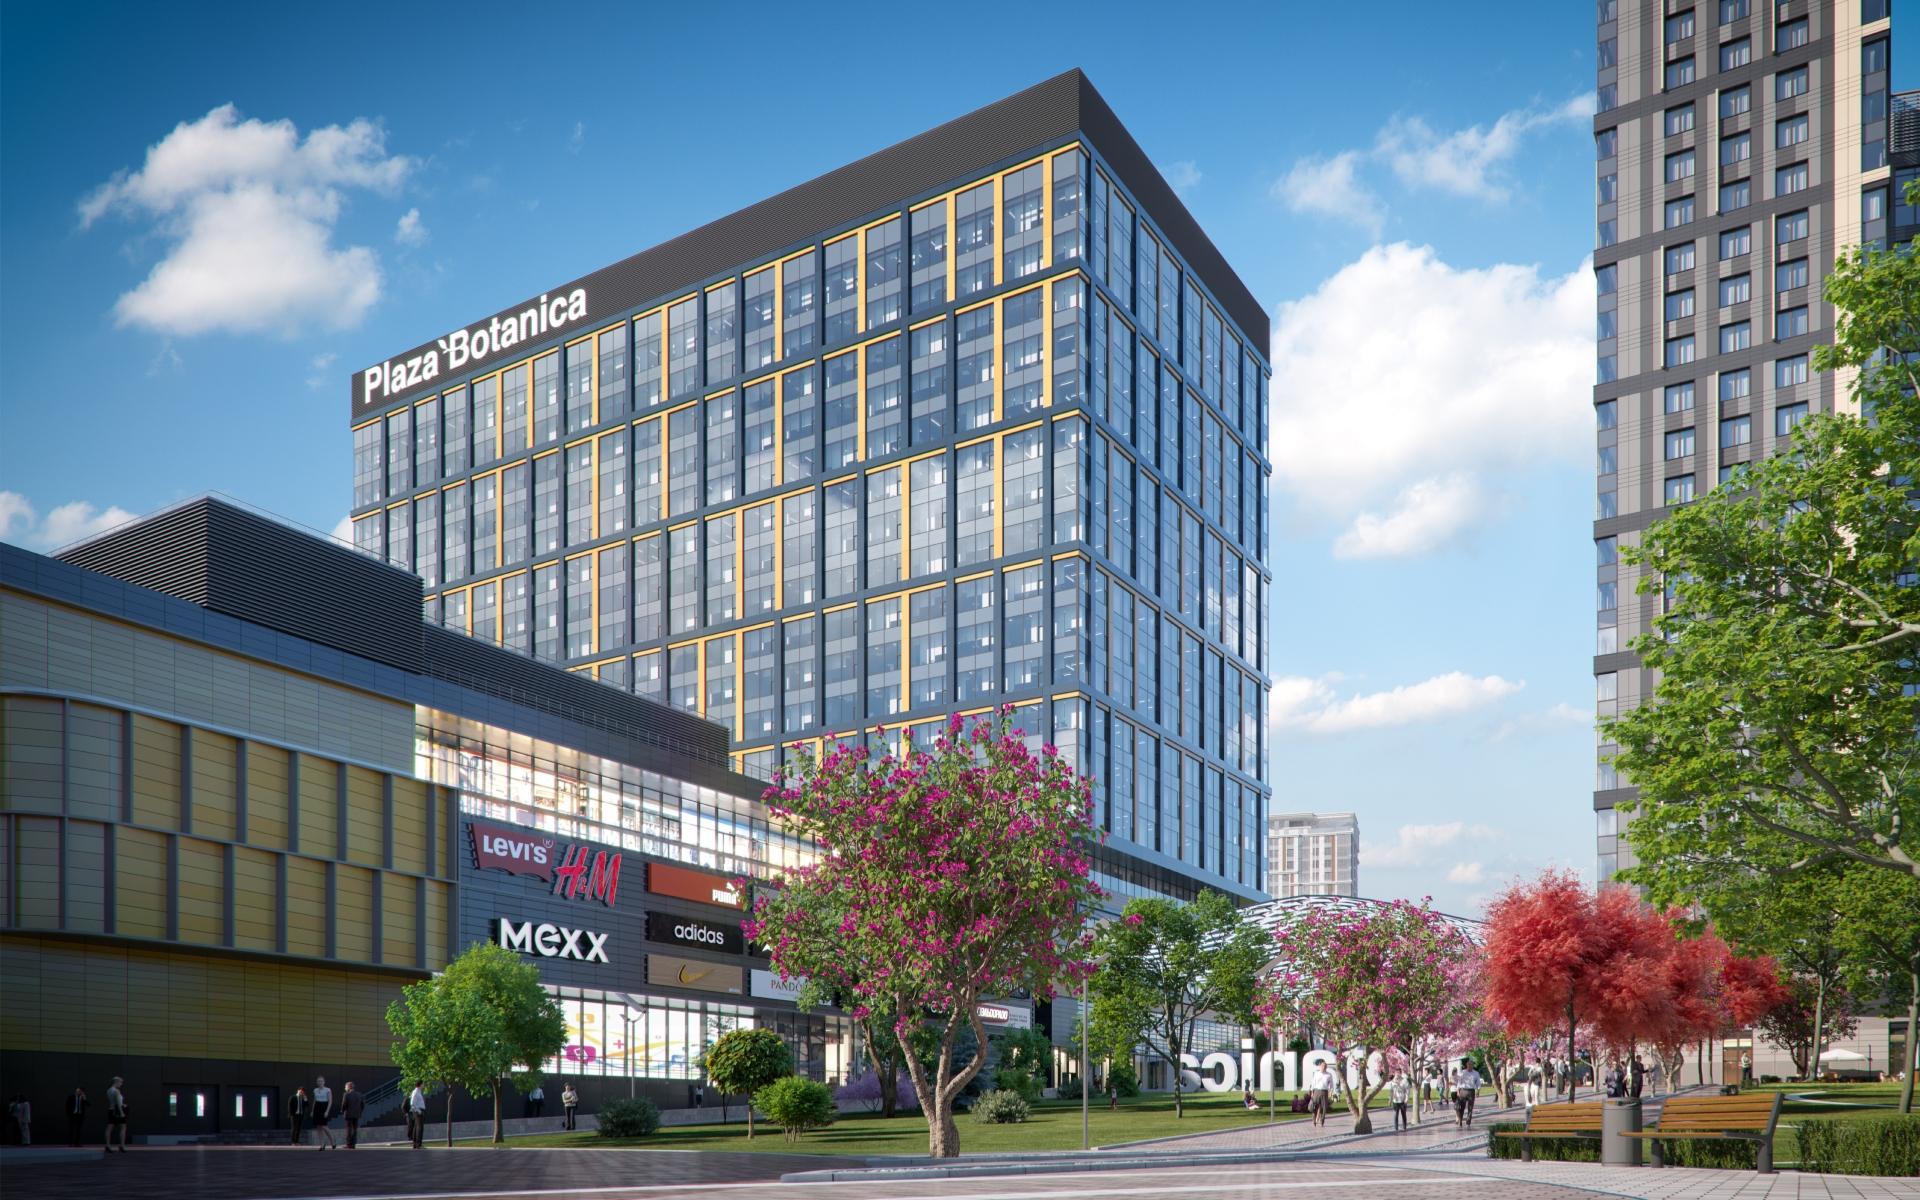 Вид на торгово-офисный центр Plaza Botanica